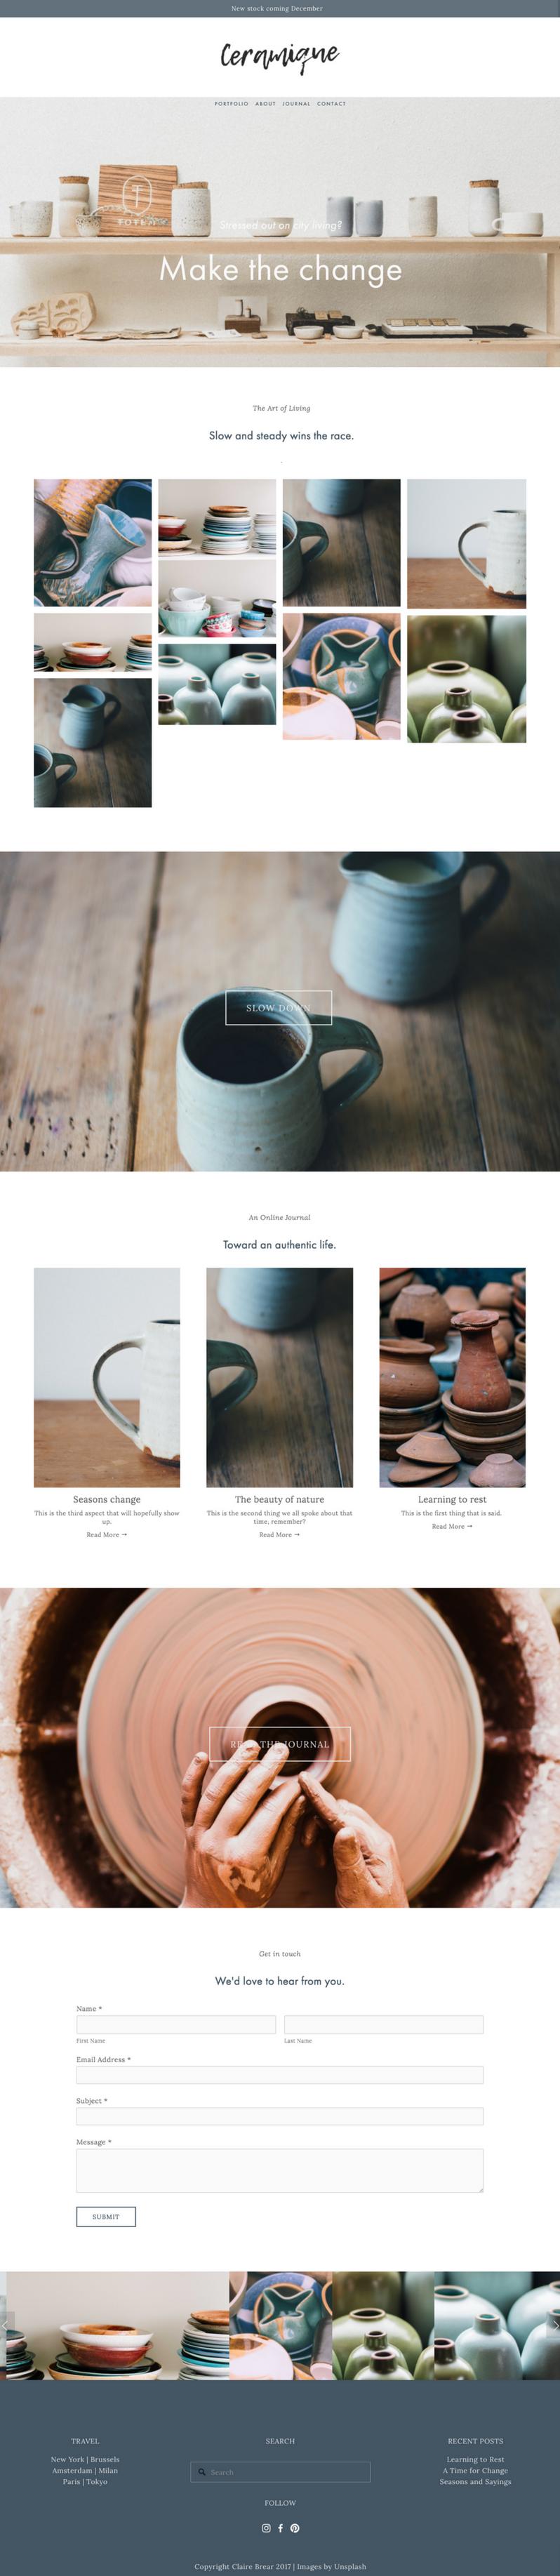 Ceramique.png